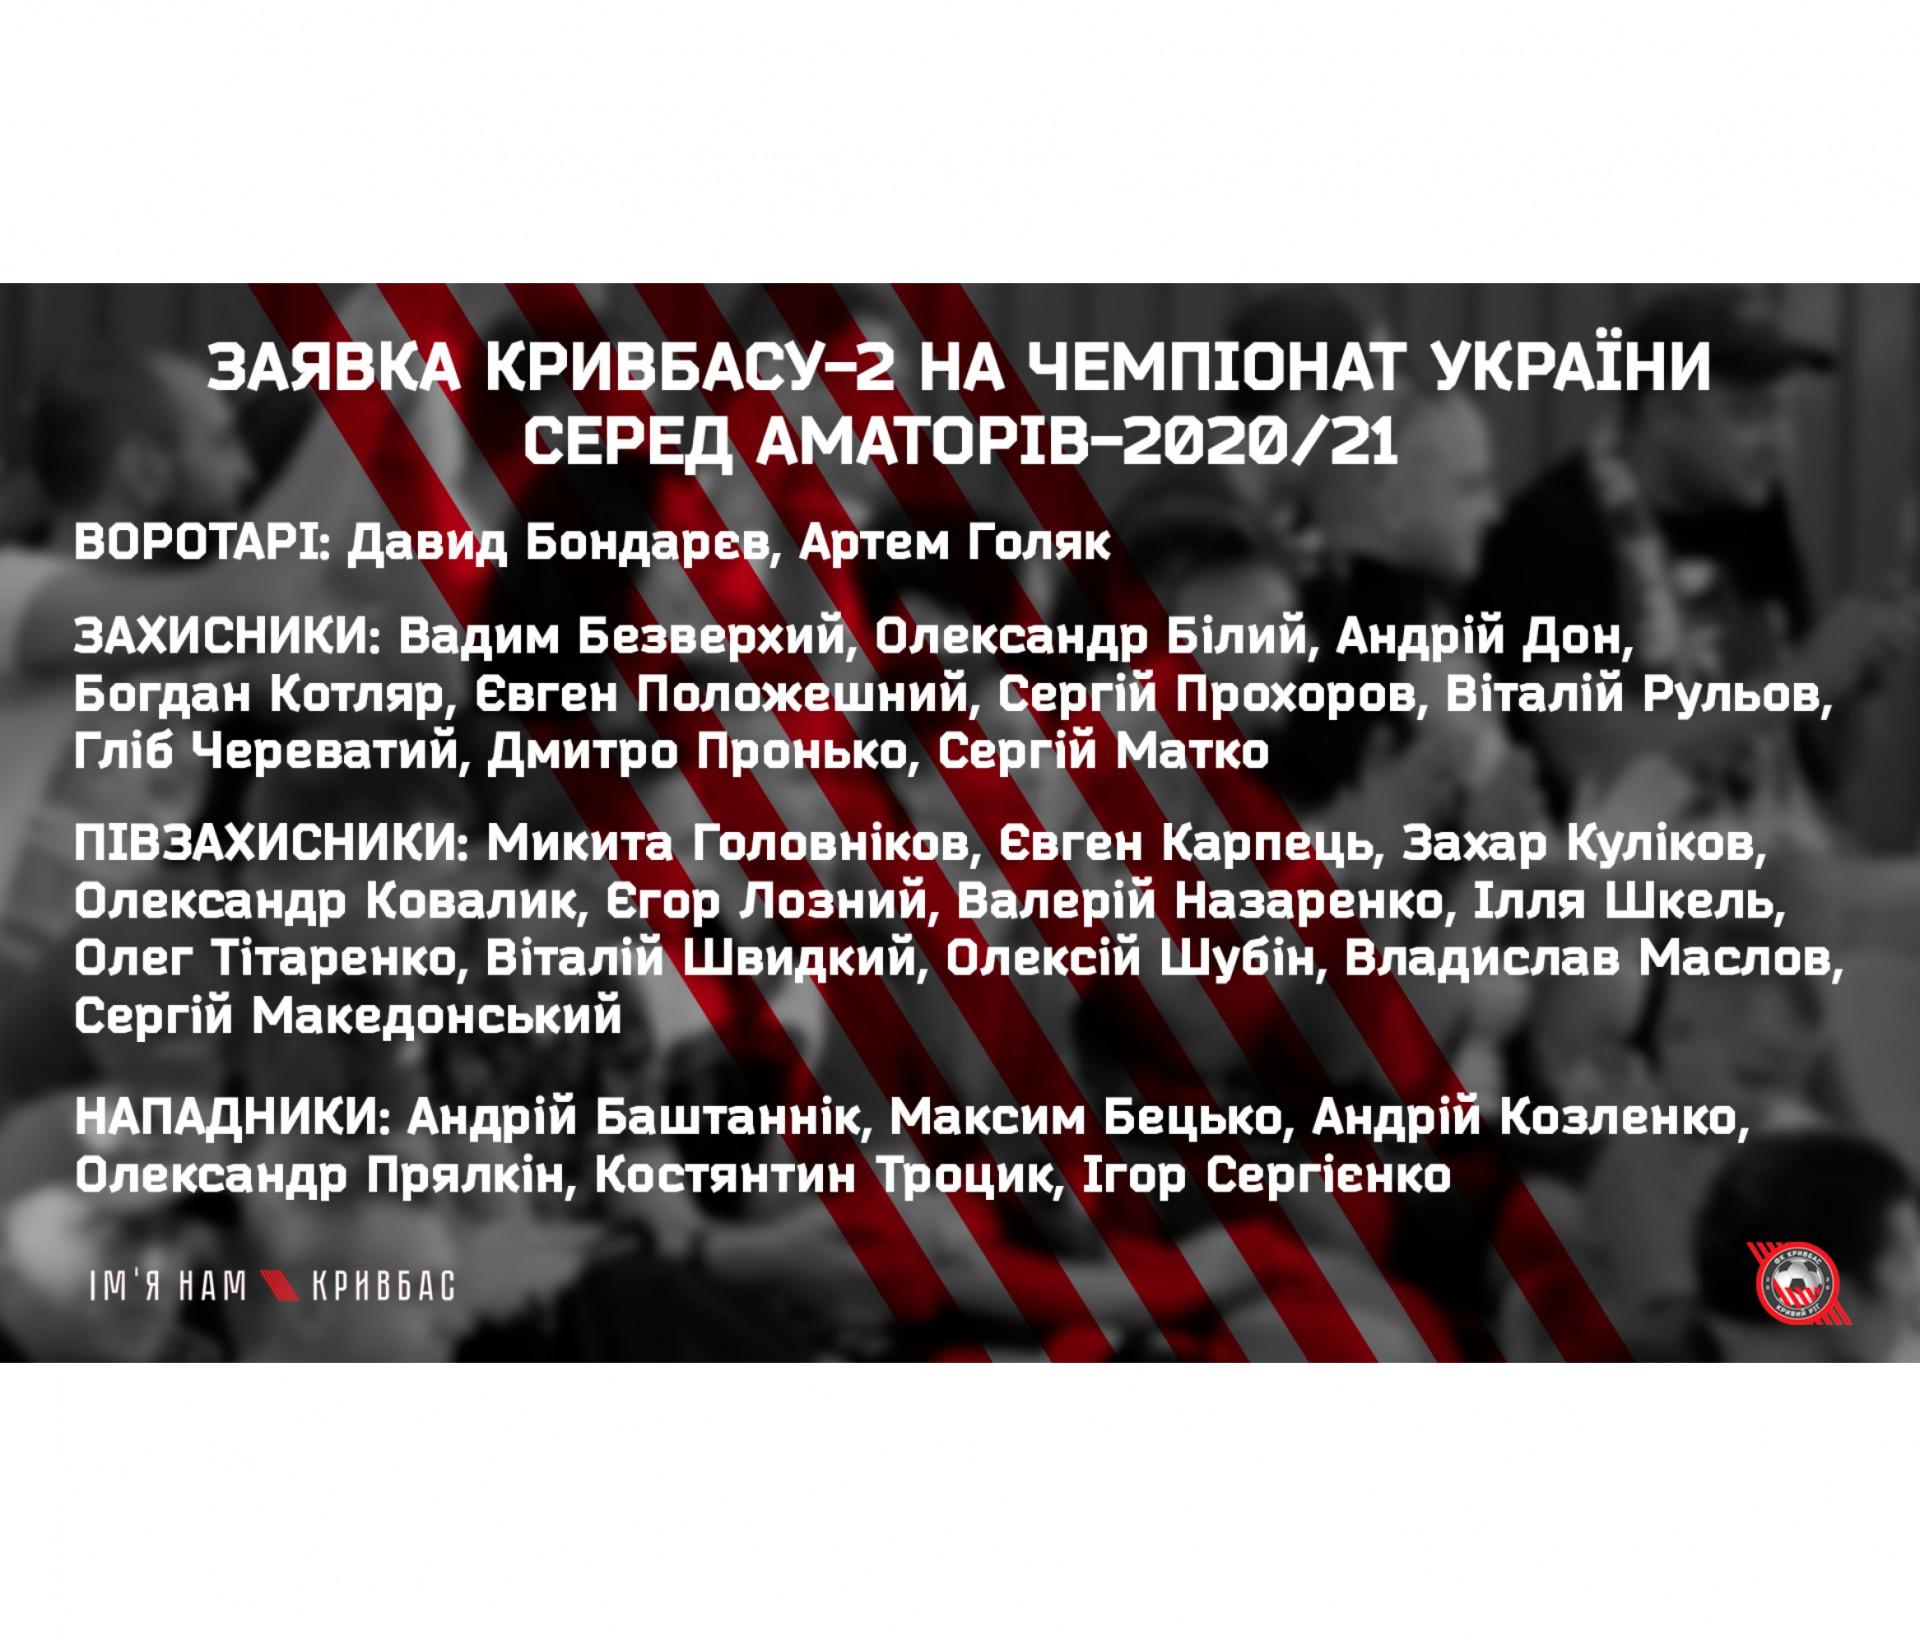 """""""Кривбас-2"""" розпочинає виступи в ЧУ серед аматорів}"""